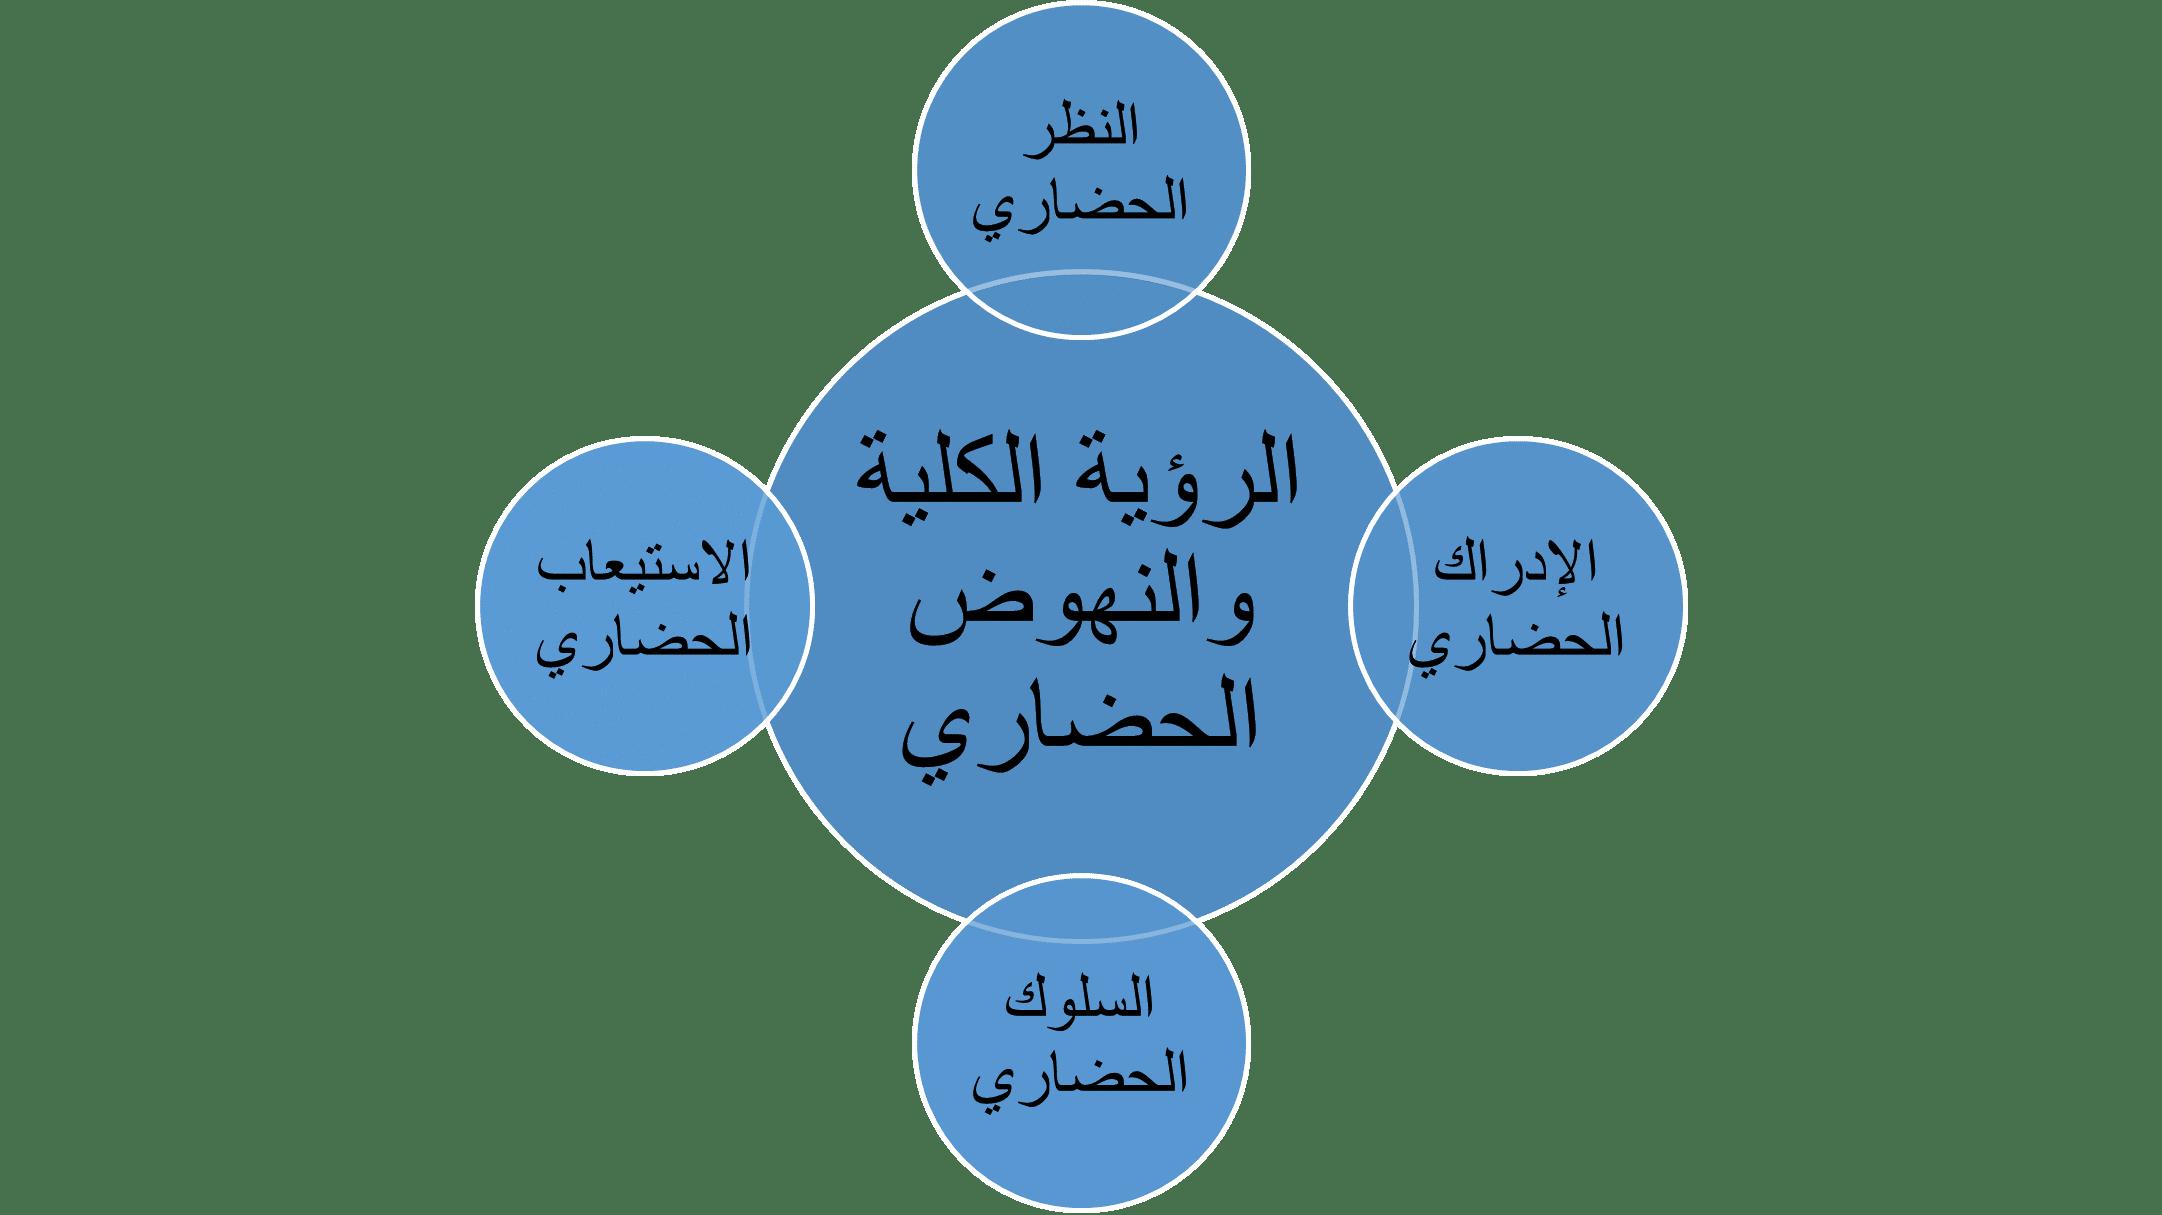 المنهجية الإسلامية المقومات وأطر التخليل وقواعد التفسير-2